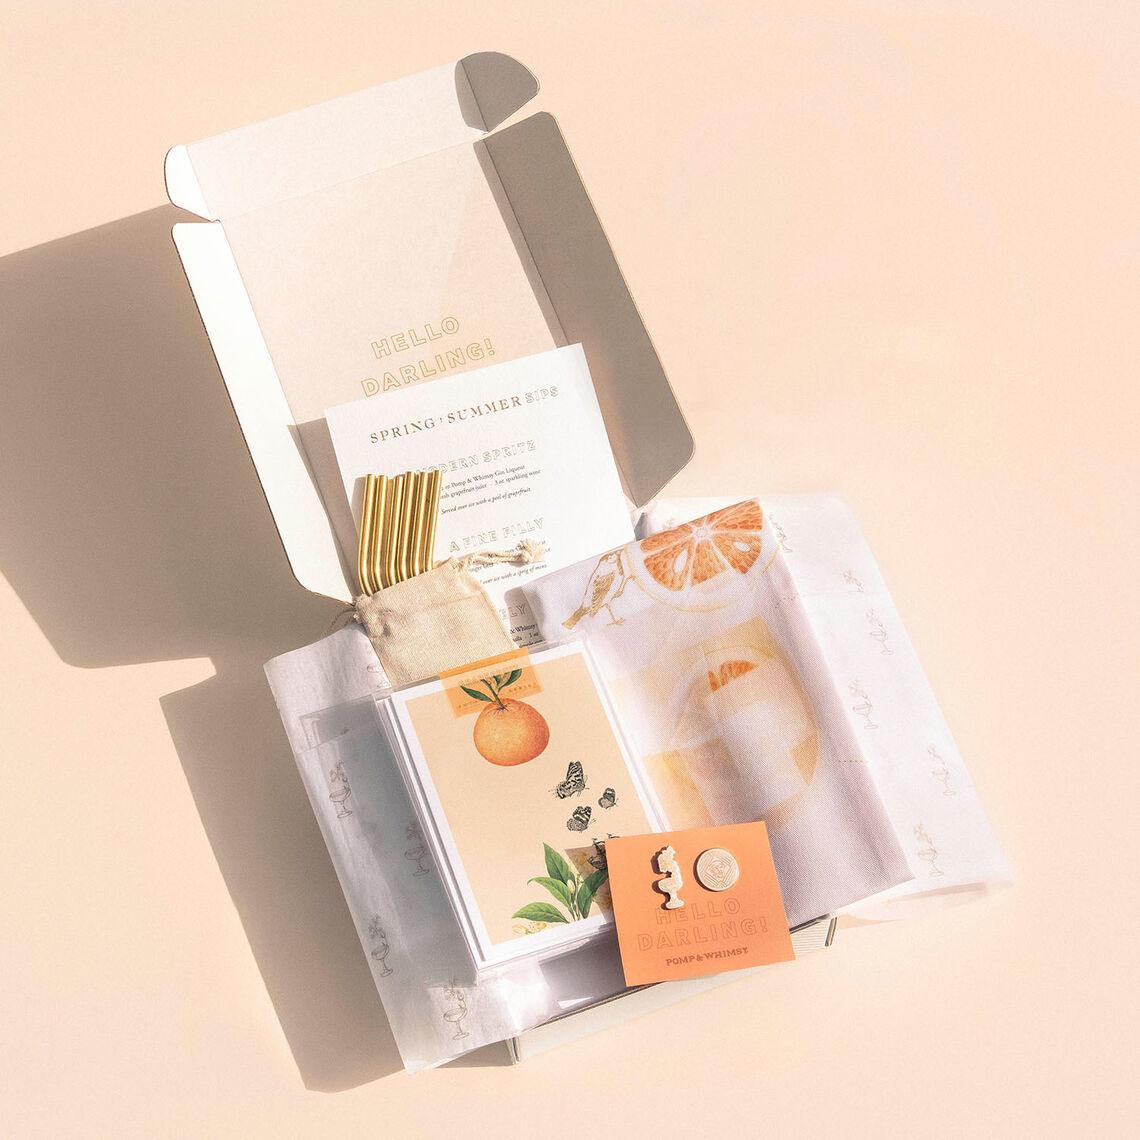 pw shop mostess gift set 1sq